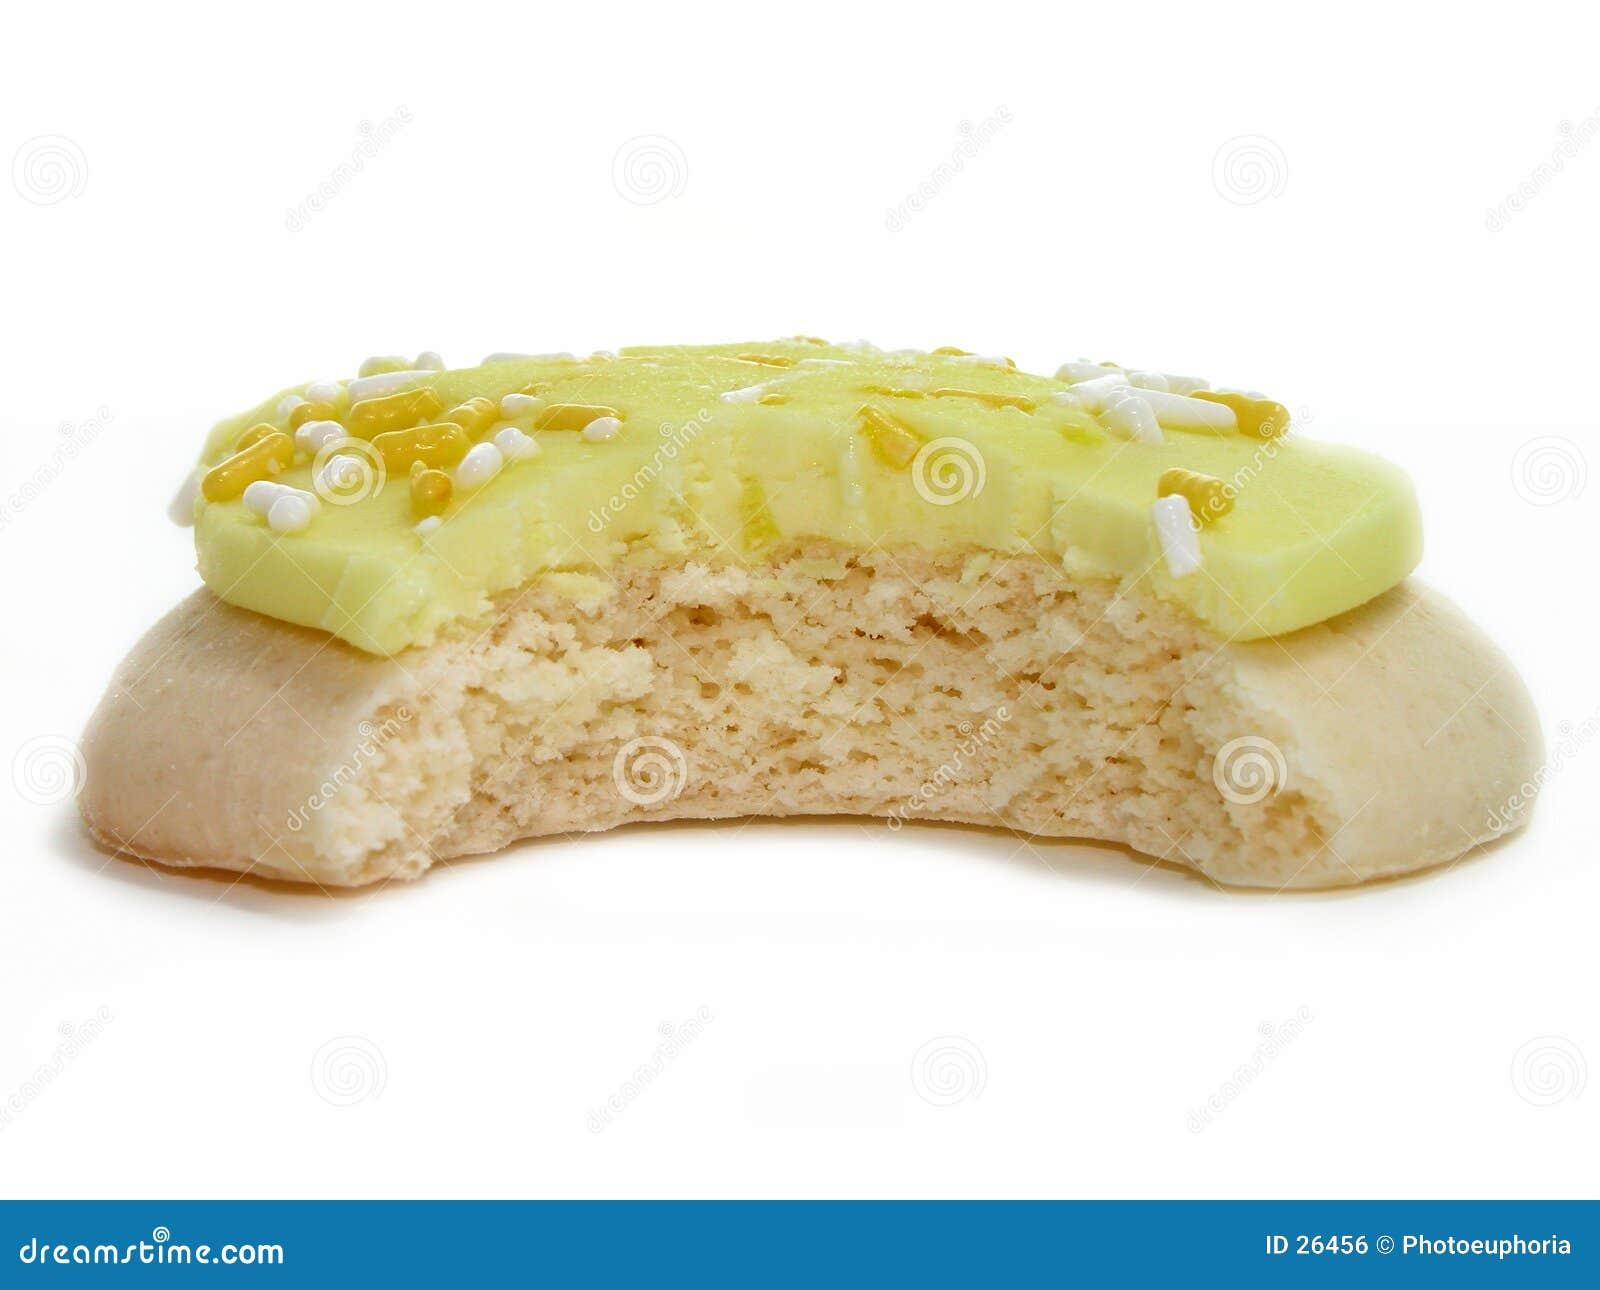 Download Lemon, jeść ciastka na zdjęcie stock. Obraz złożonej z lodowacenie - 26456